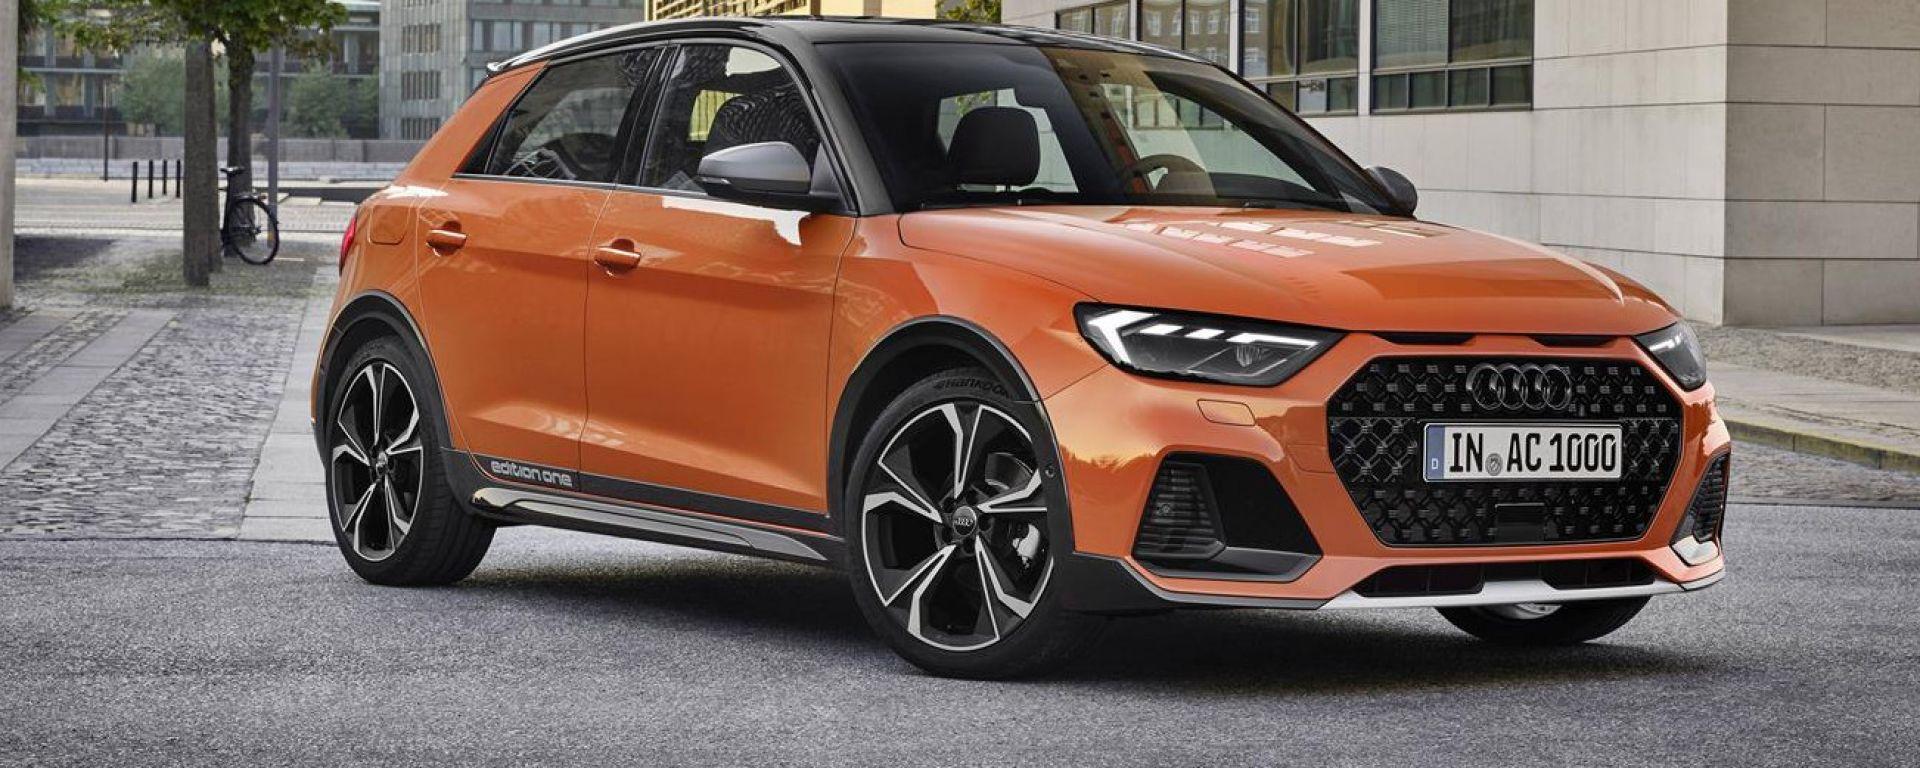 Nuova Audi A1 citycarver: 3/4 anteriore